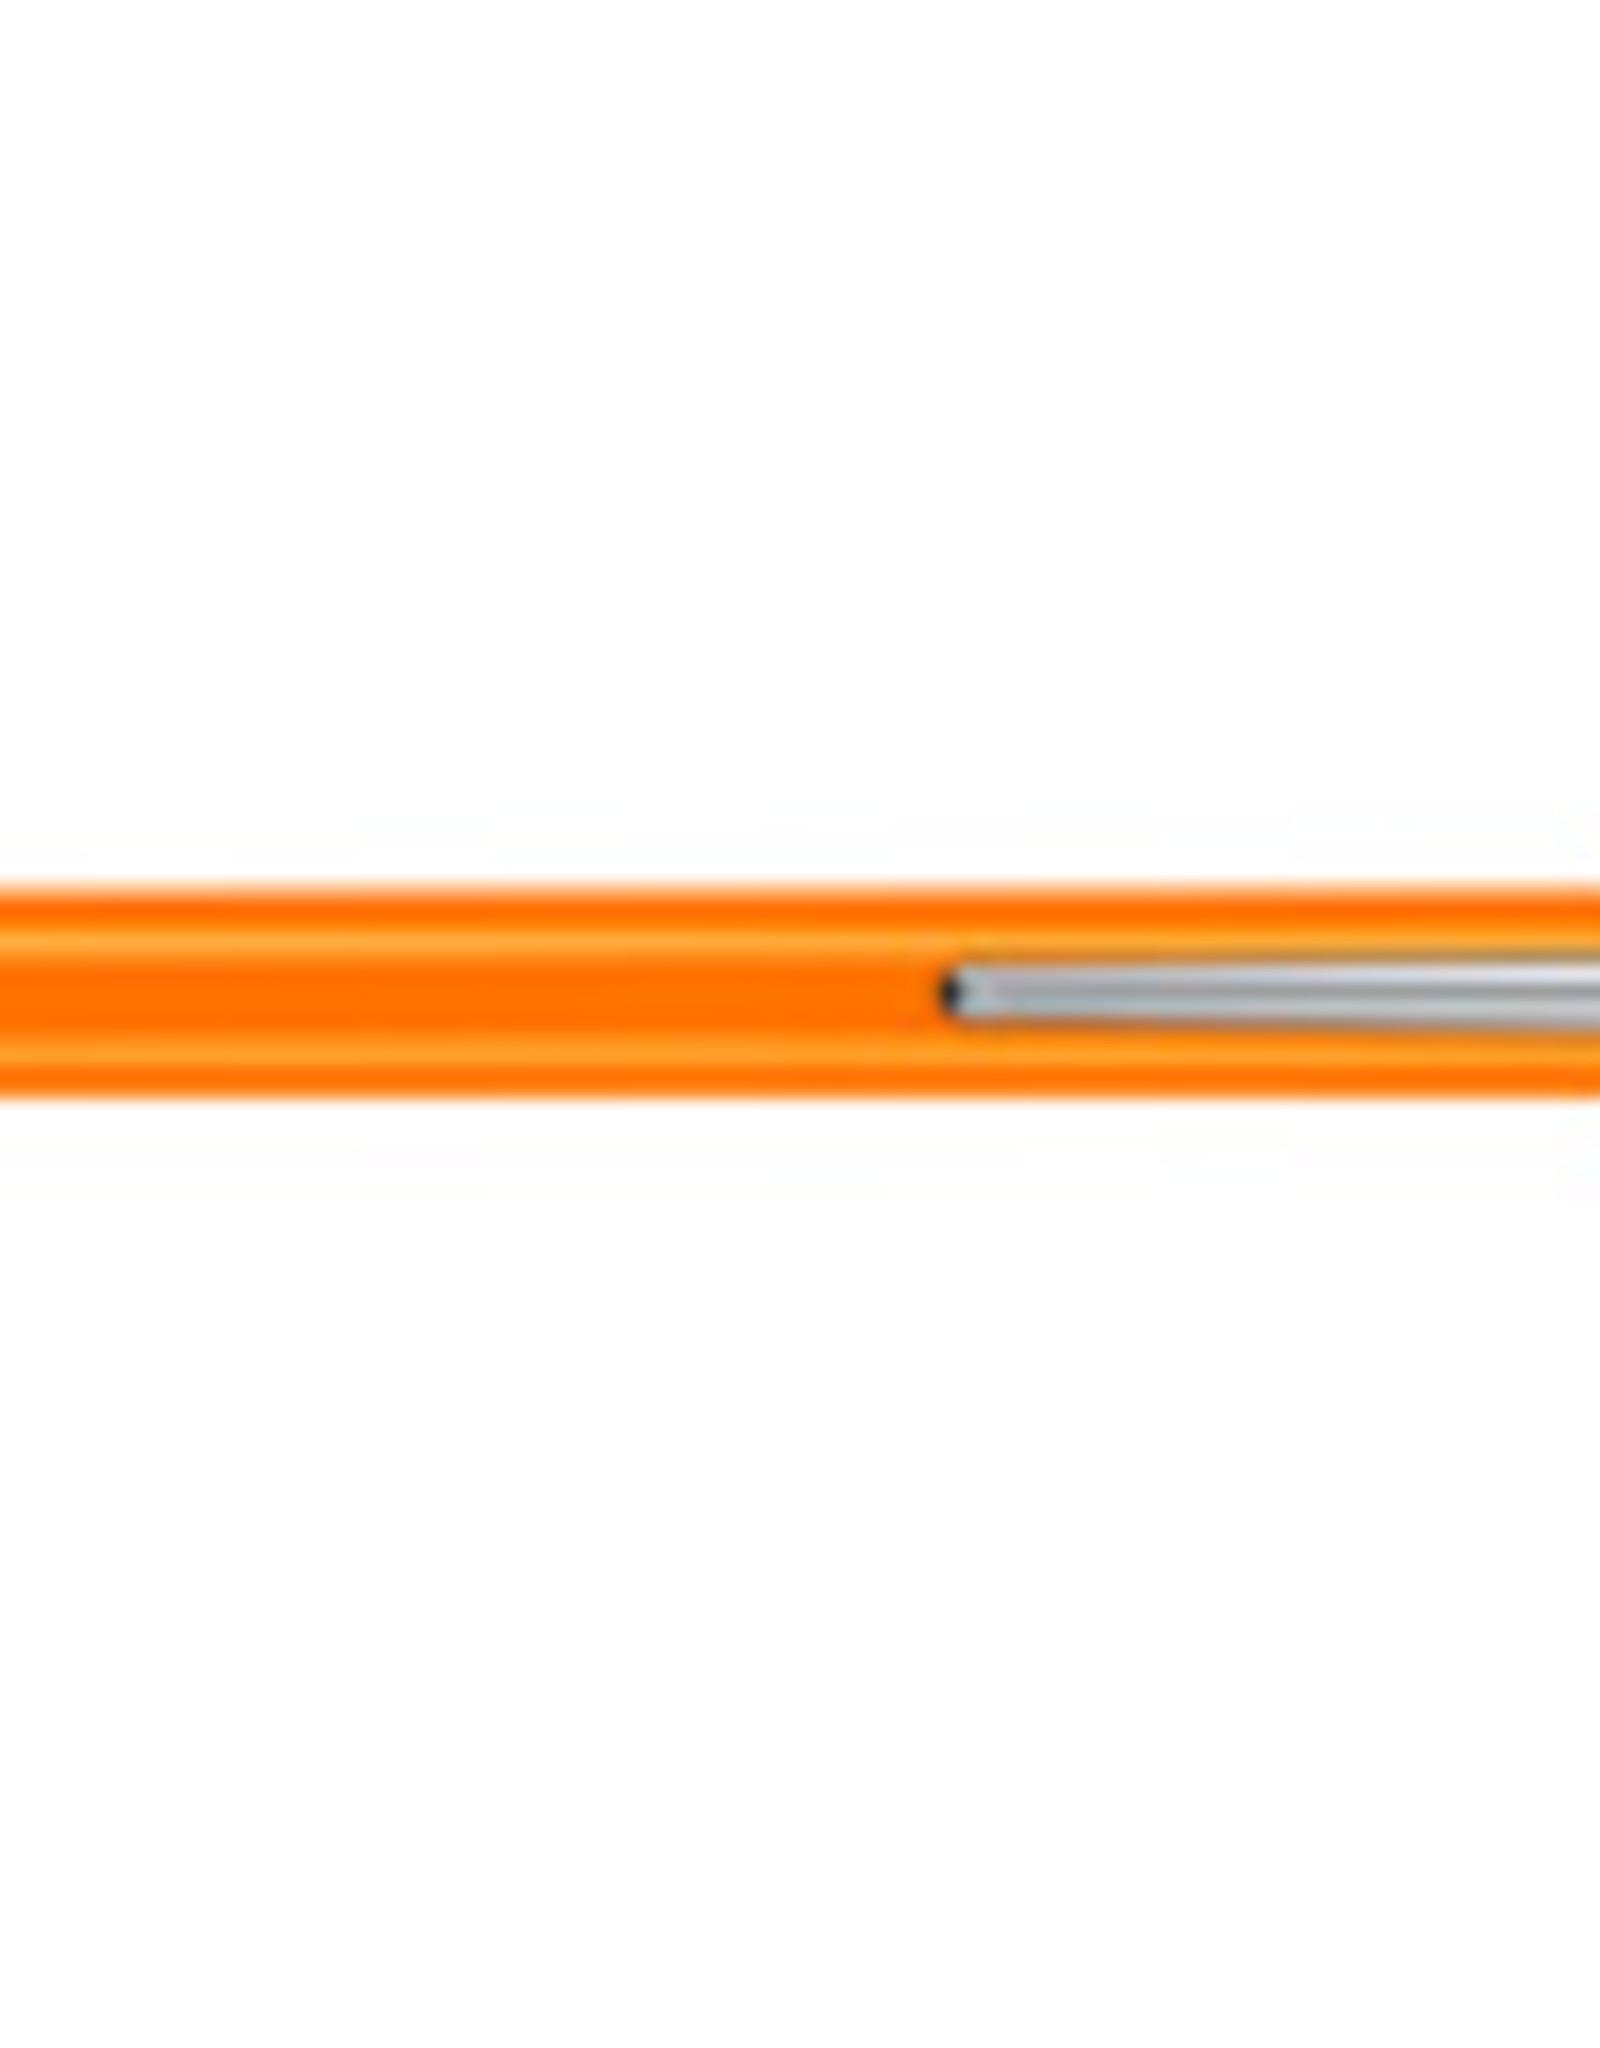 Caran d'Ache Caran d'Ache 849 Ballpoint Pen